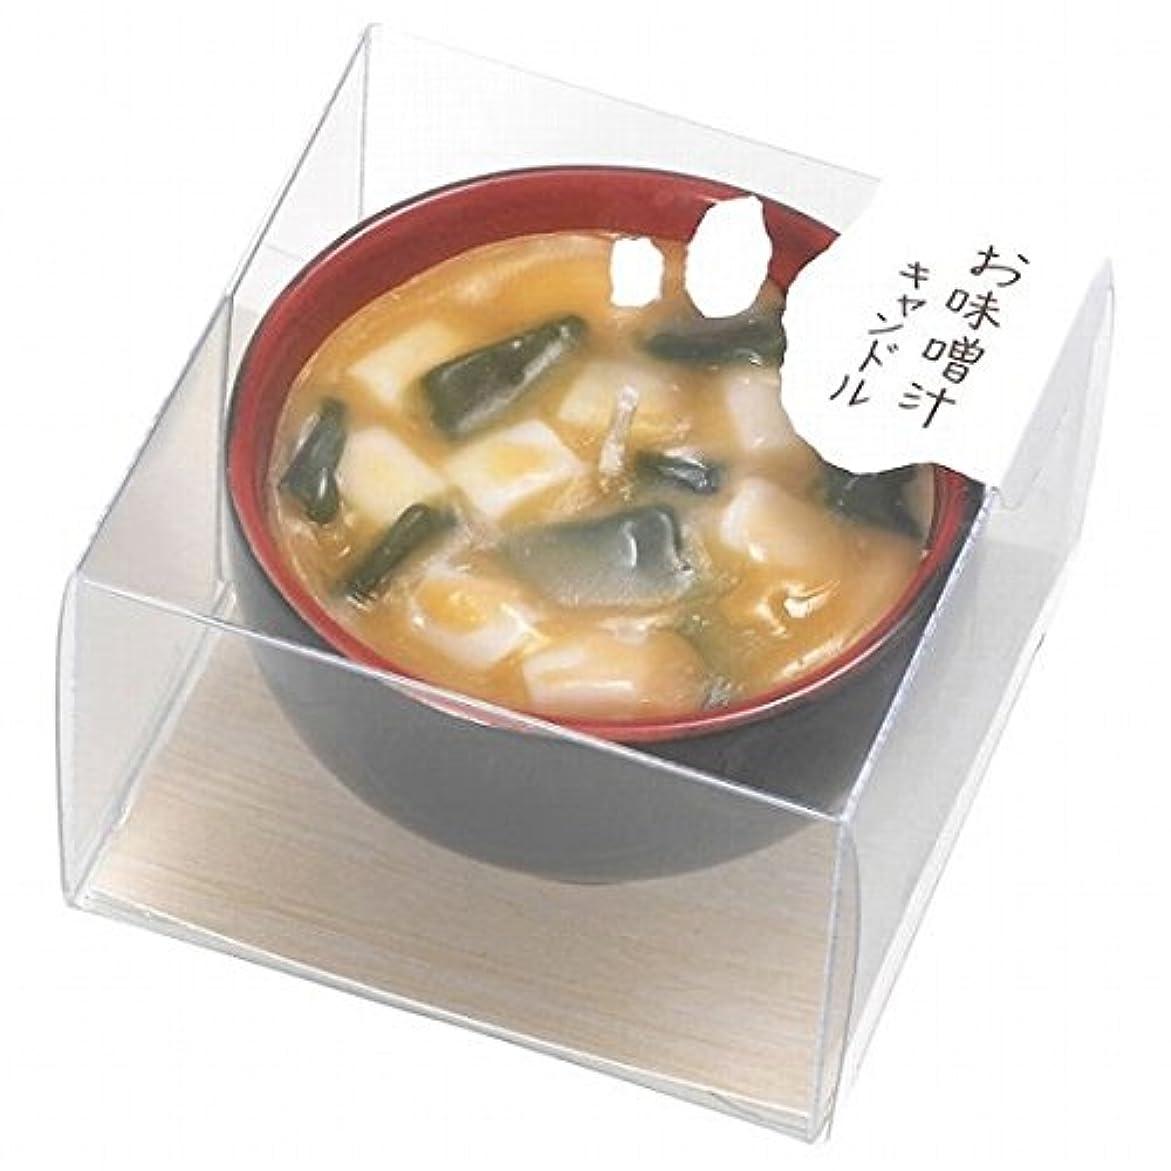 うっかり期間女優カメヤマキャンドル(kameyama candle) お味噌汁キャンドル